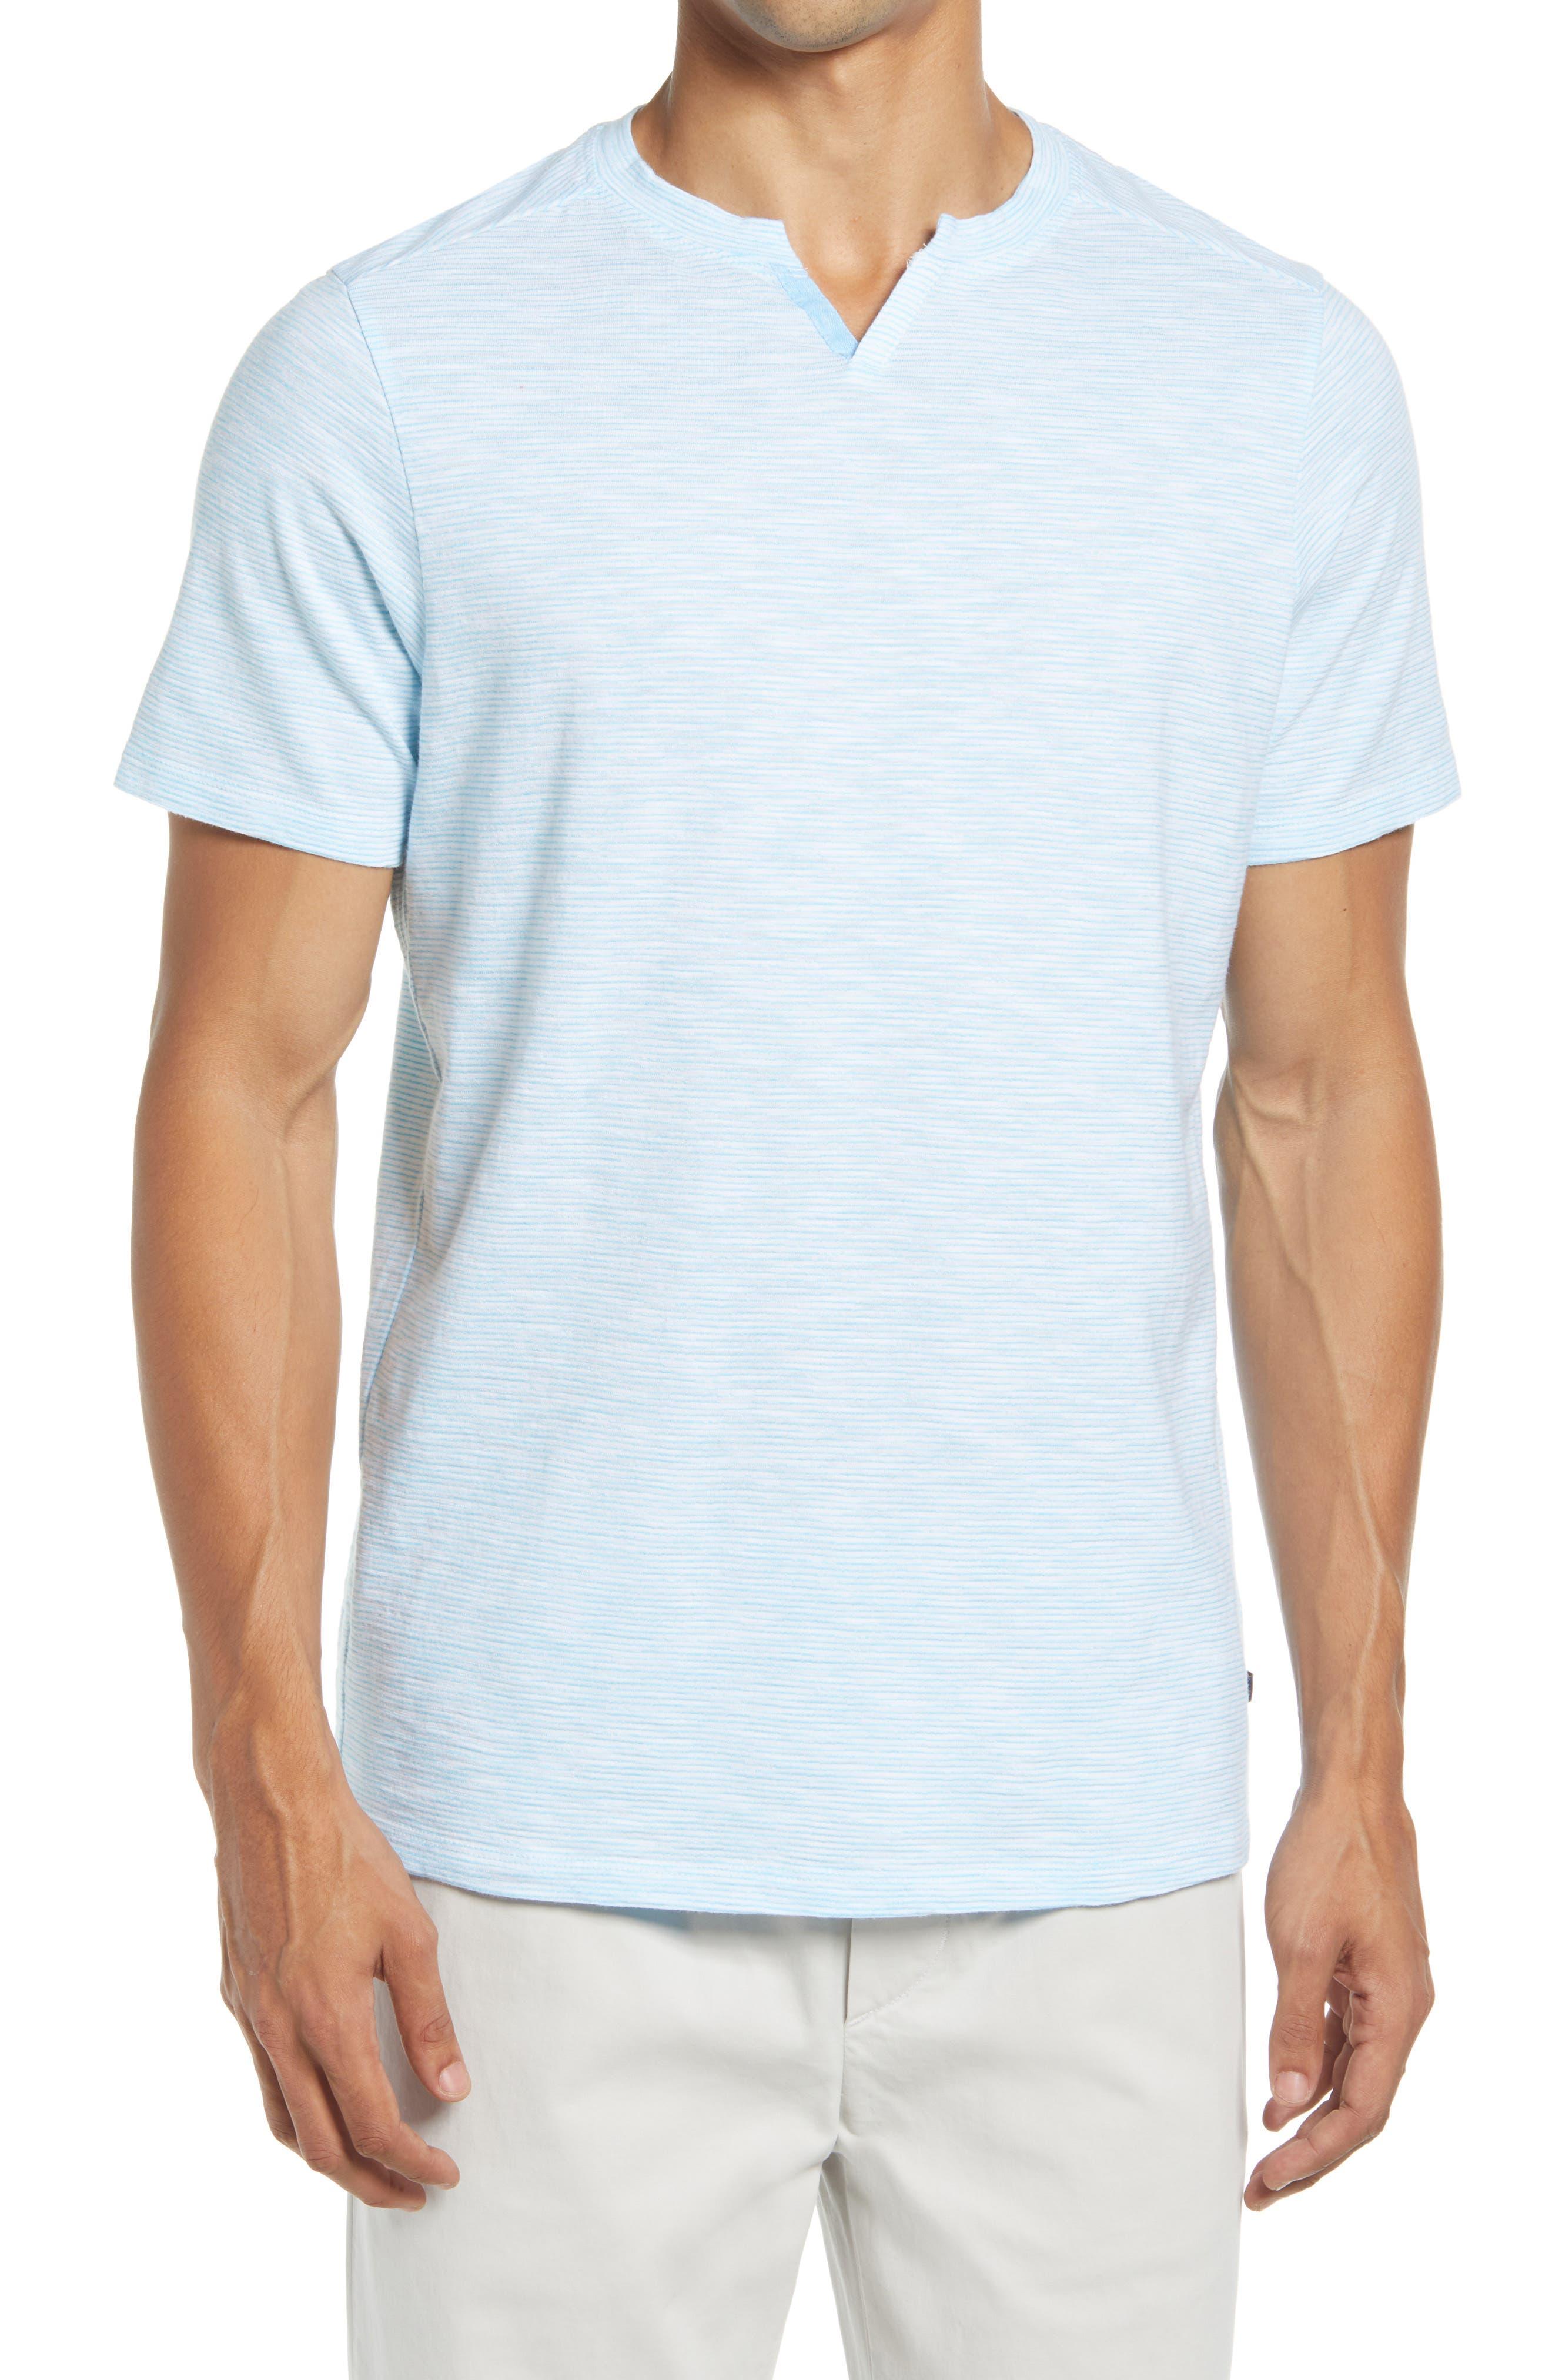 V-Notch Slim Fit Slub Stripe Jersey T-Shirt